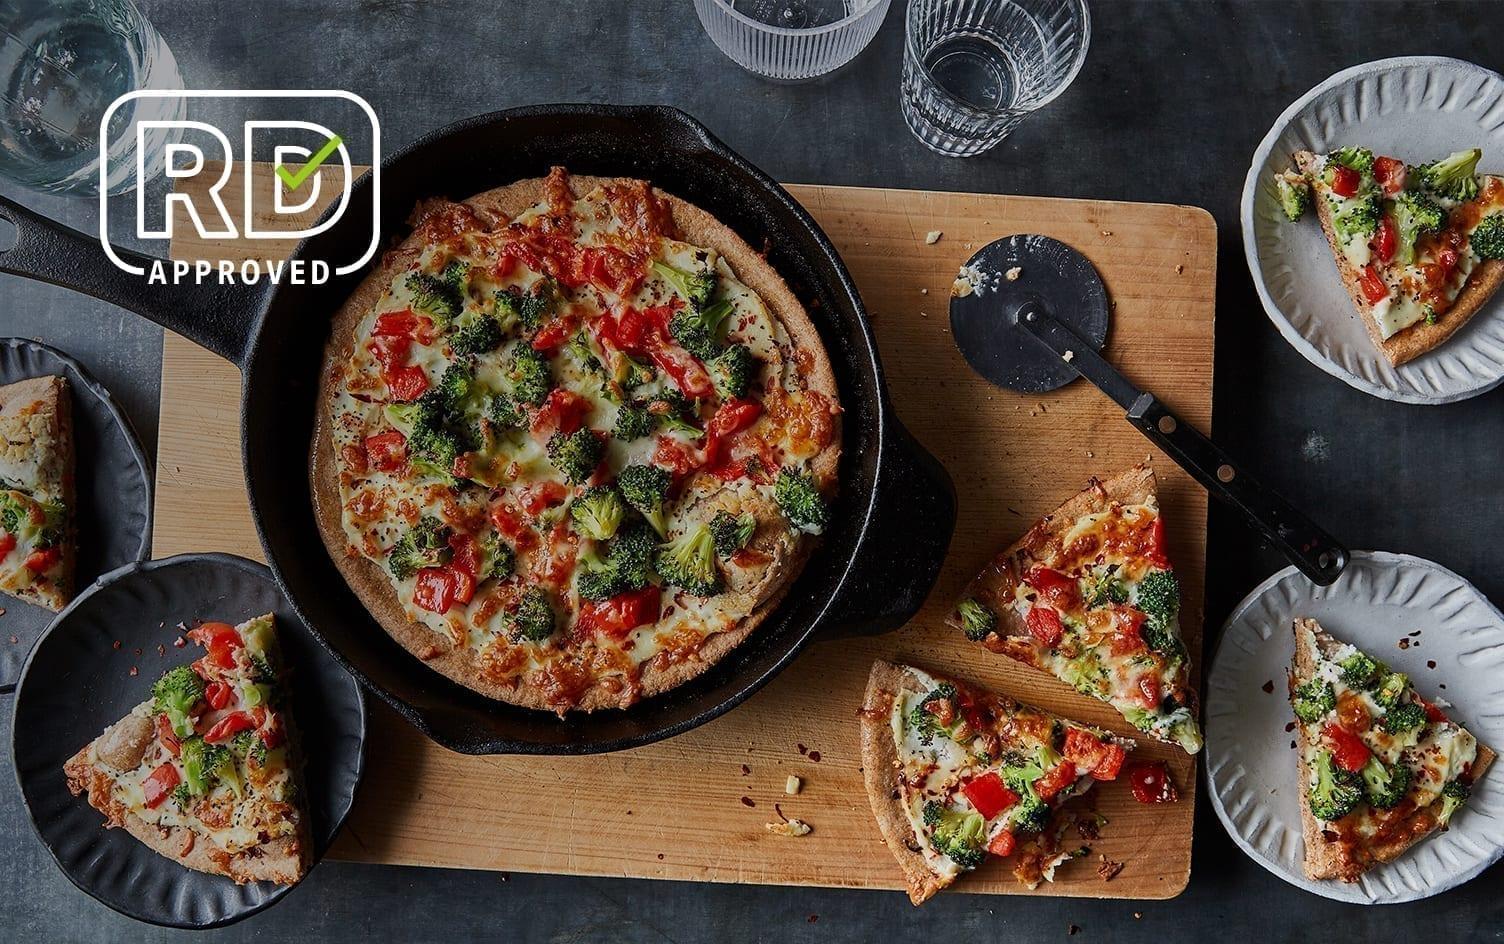 Cast-Iron Broccoli and Ricotta Pizza